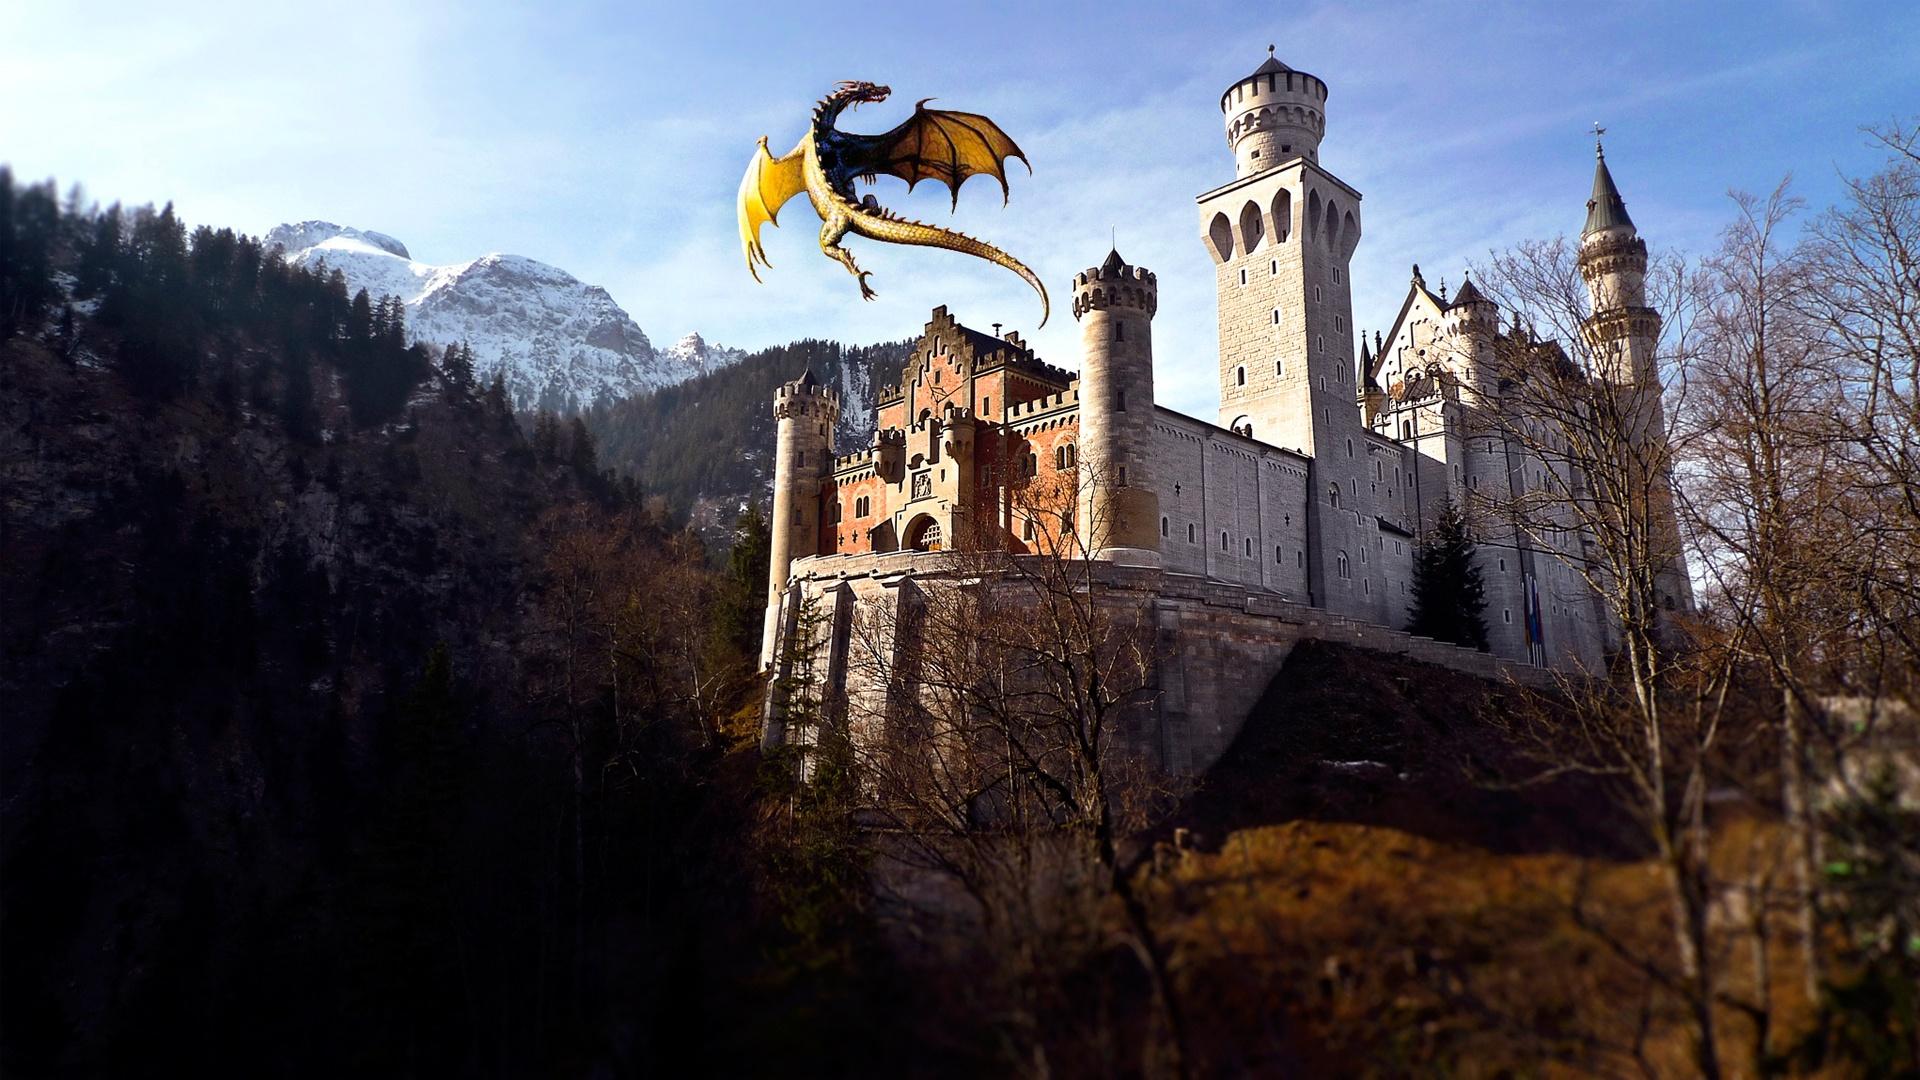 Обои на рабочий стол средневековые замки настоящее время